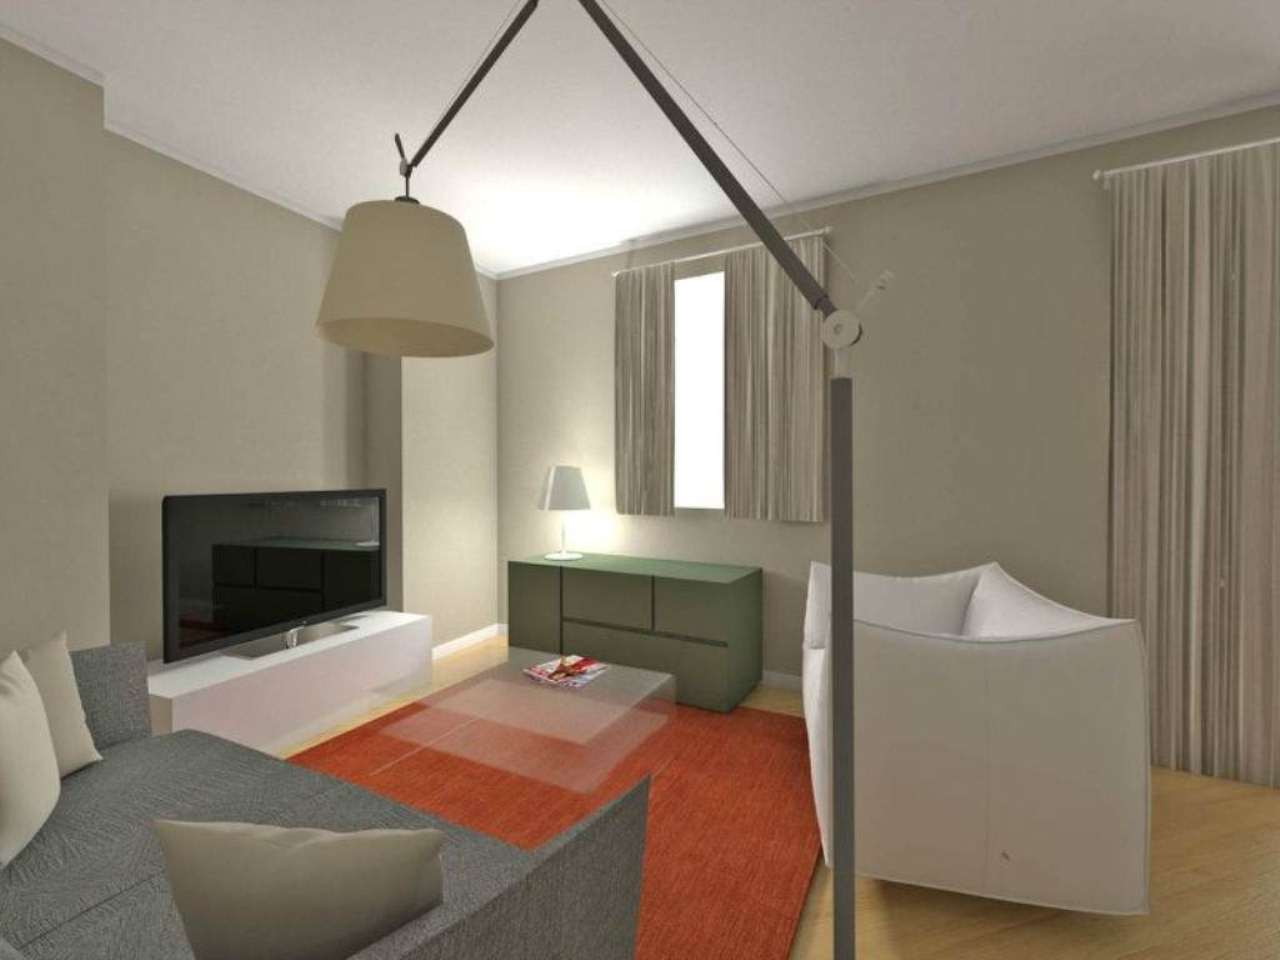 Appartamento in Vendita a Coazze Centro: 4 locali, 88 mq